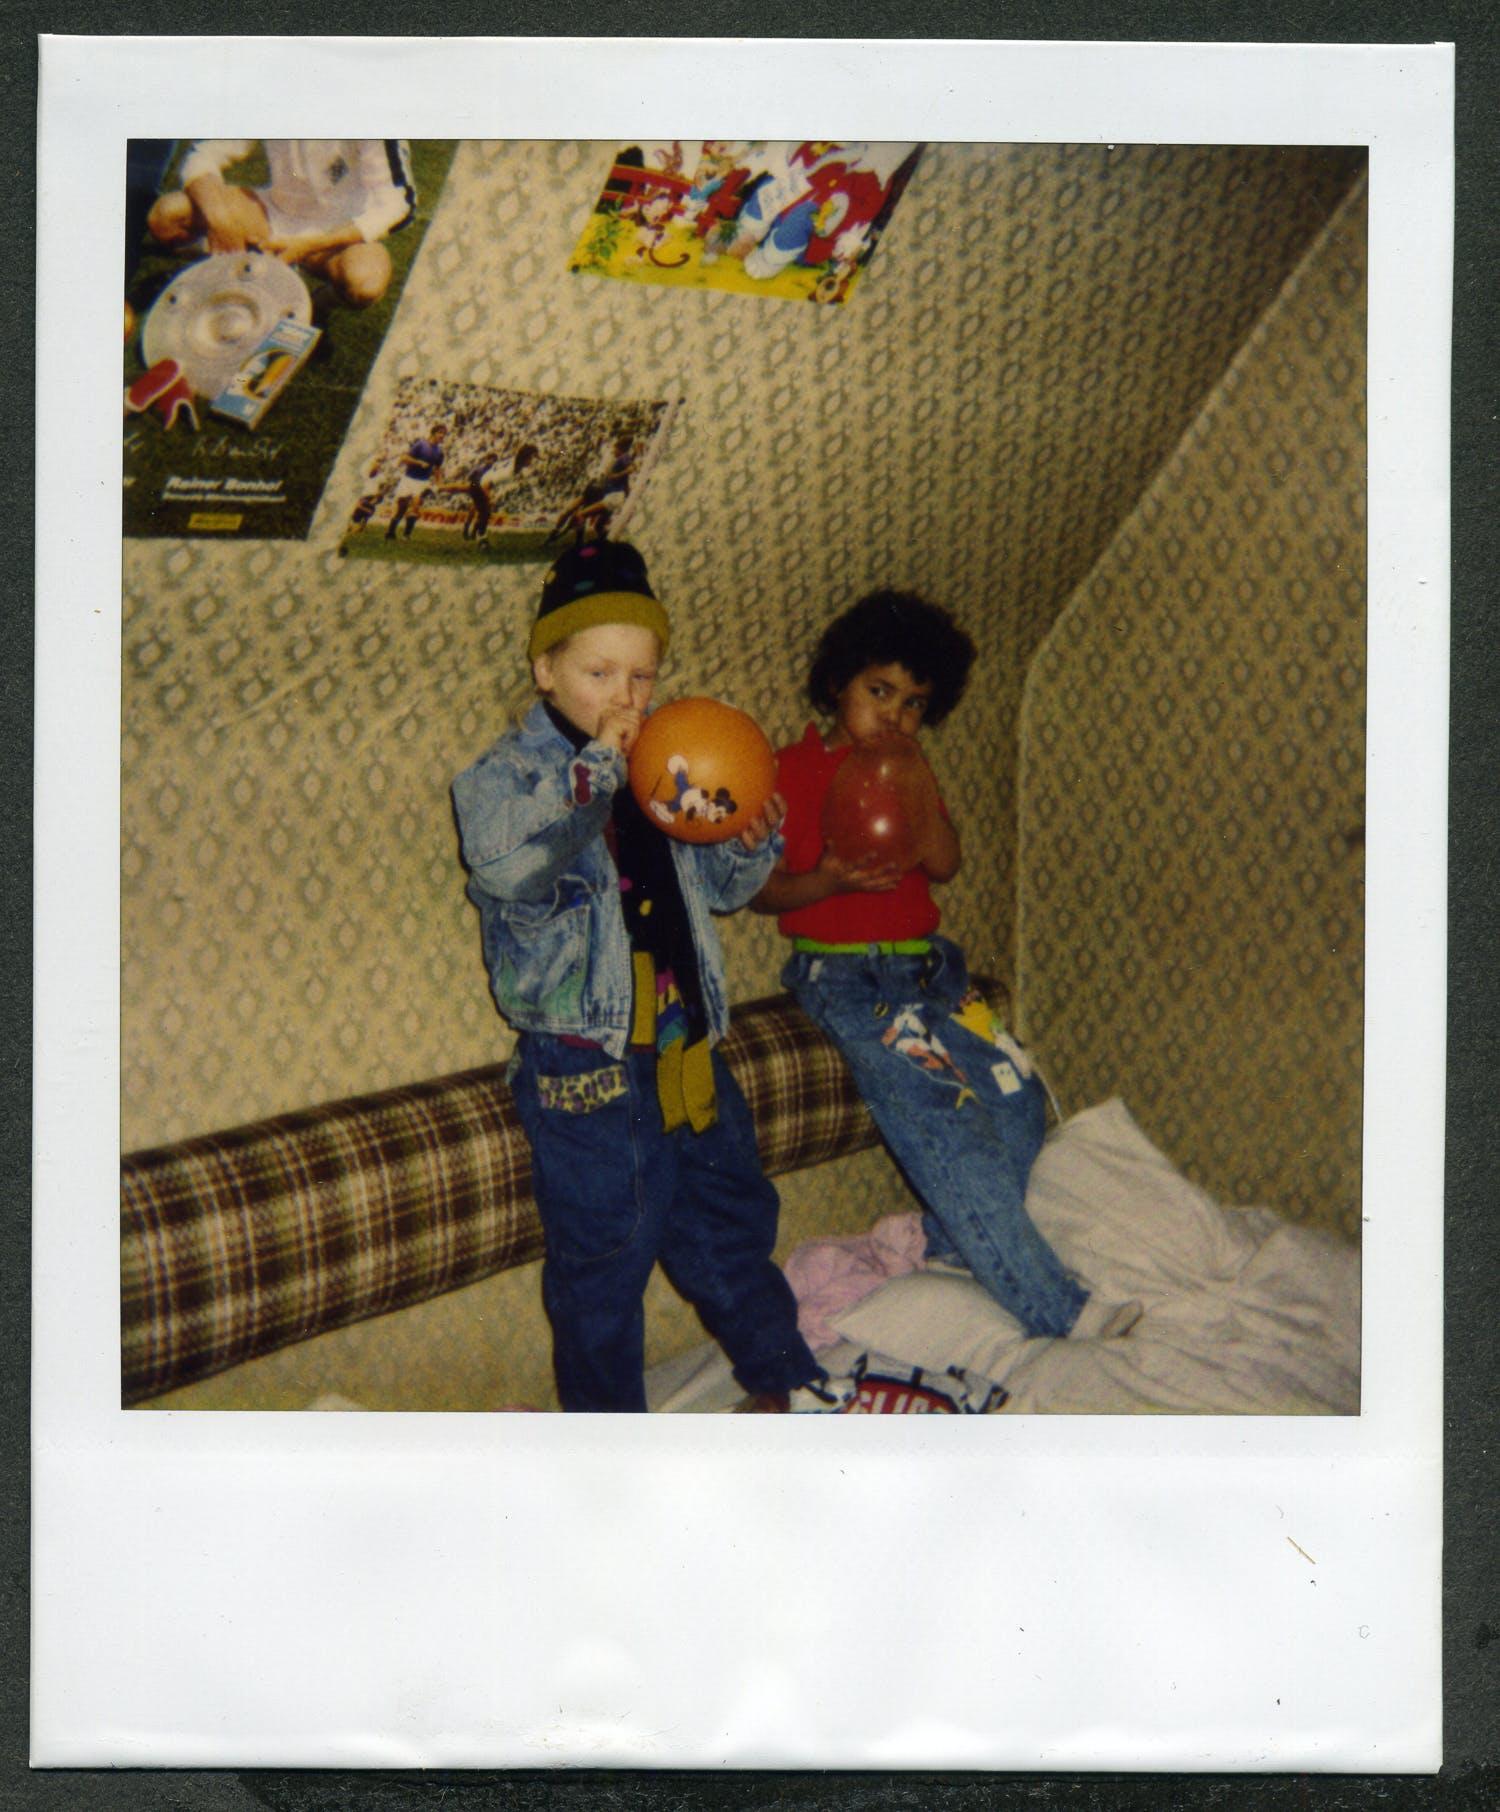 Wir sehen die Autorin in vermutlich ihrem Kinderzimmer im Alter von sieben Jahren. Neben ihr steht ein weißer Junge gleichen Alters und bläst einen orangenen Luftballon auf.